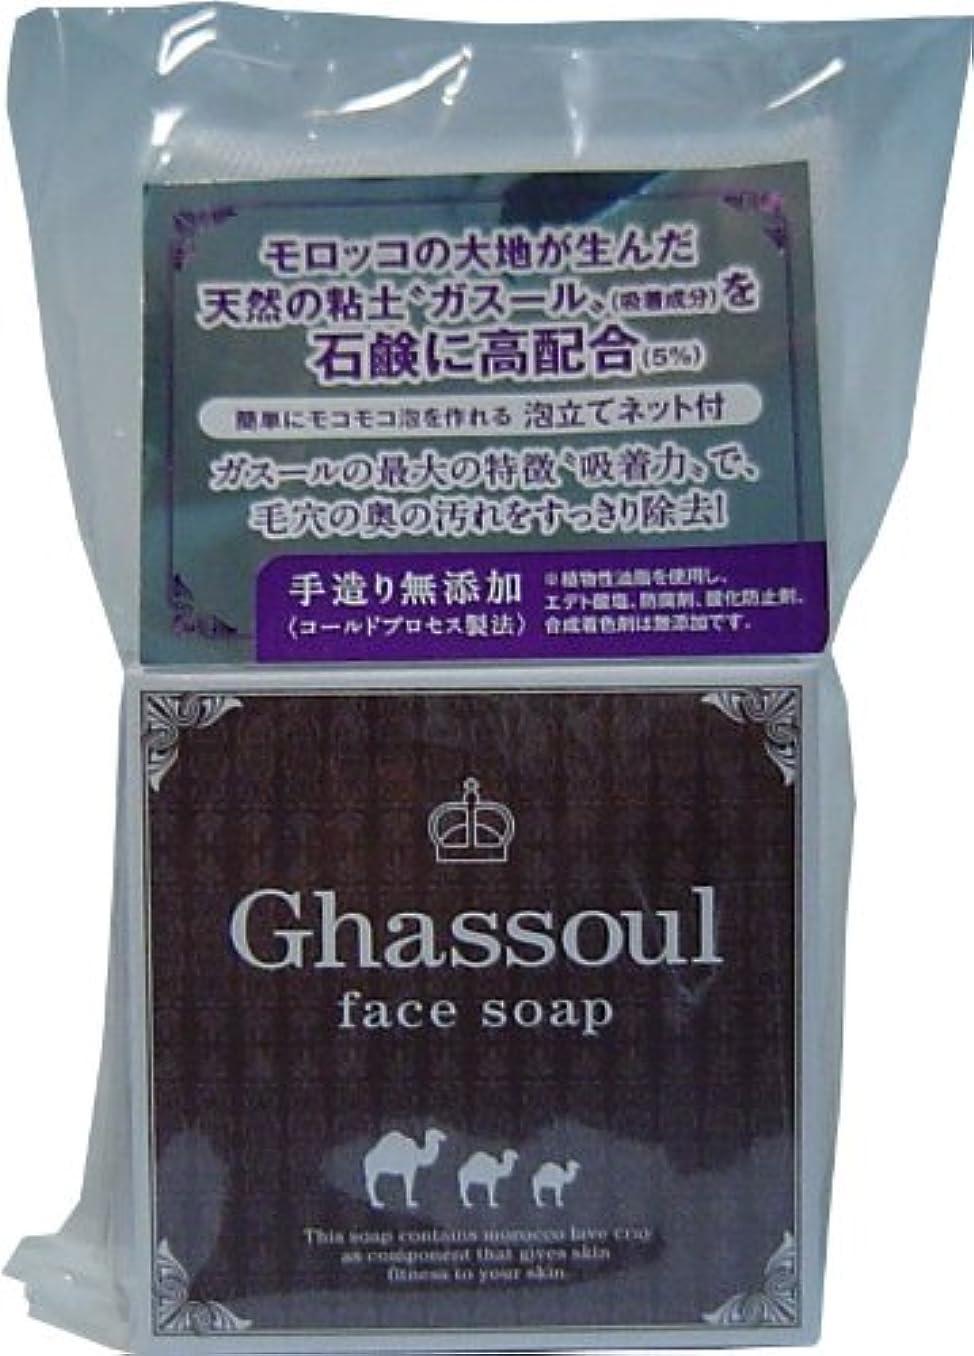 説教不屈団結Ghassoul face soap ガスールフェイスソープ 100g ×5個セット